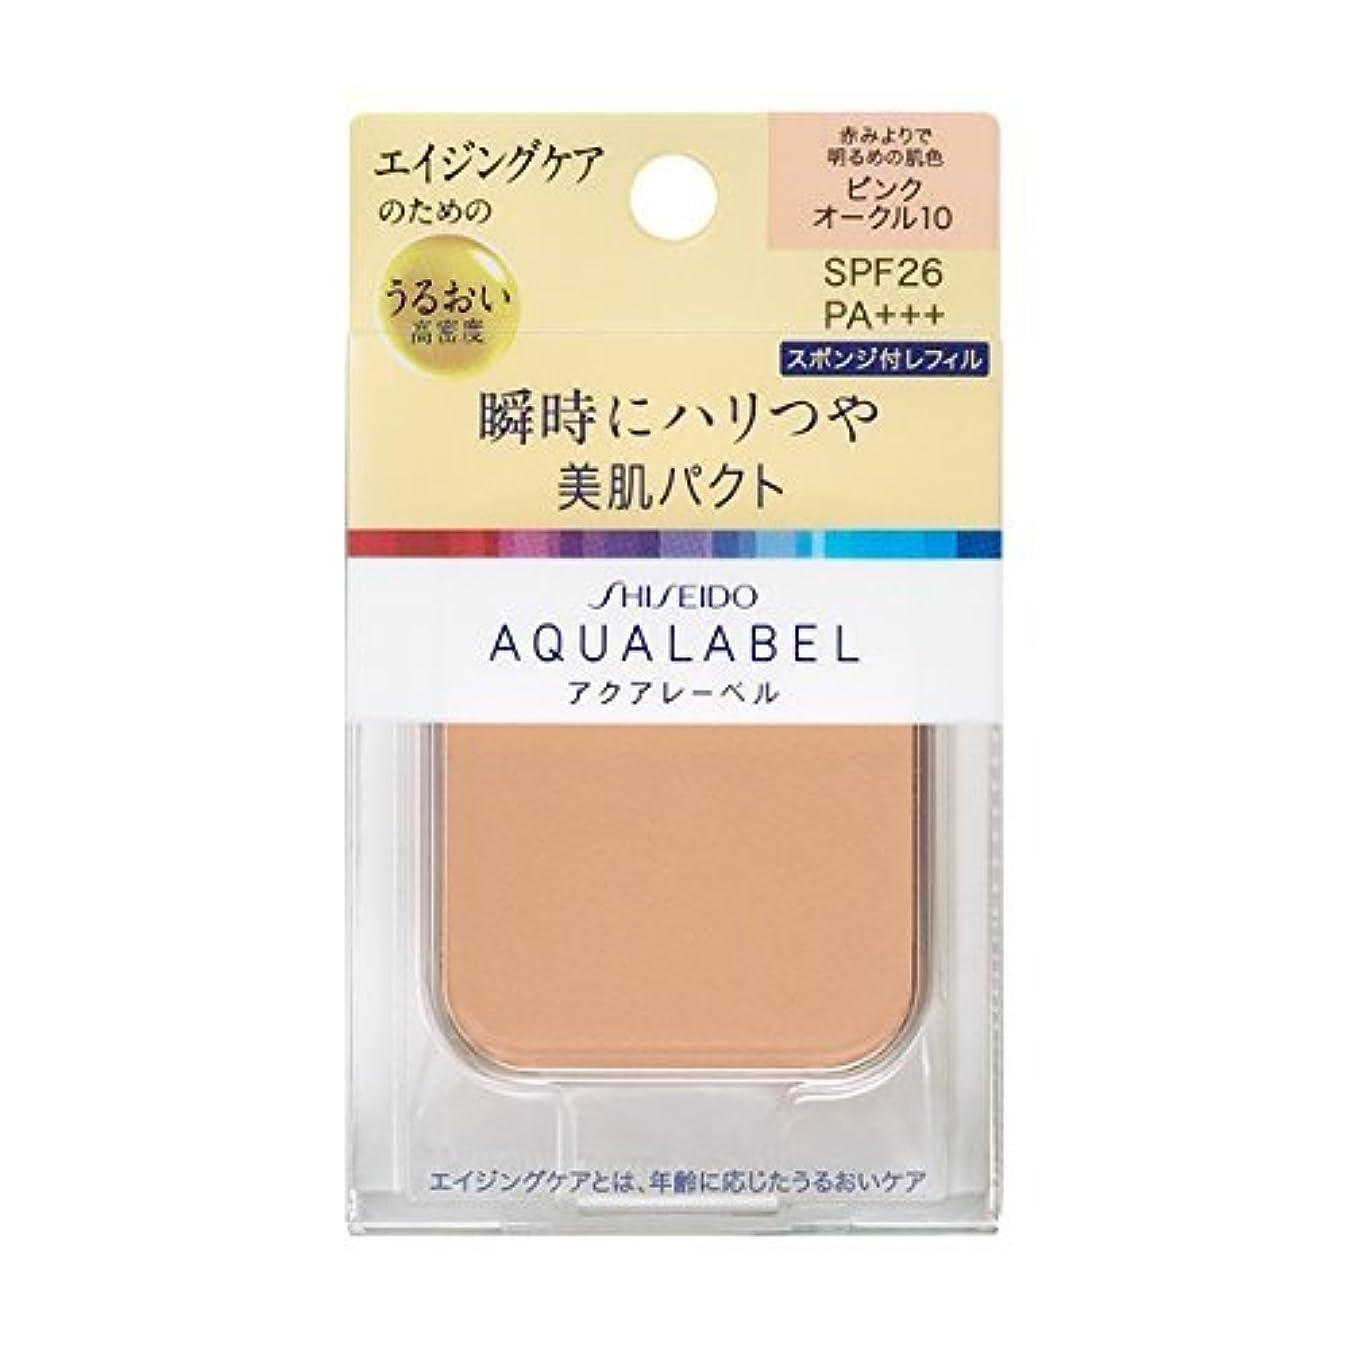 アルバニーコントロール完璧アクアレーベル 明るいつや肌パクト ピンクオークル10 (レフィル) 11.5g×6個